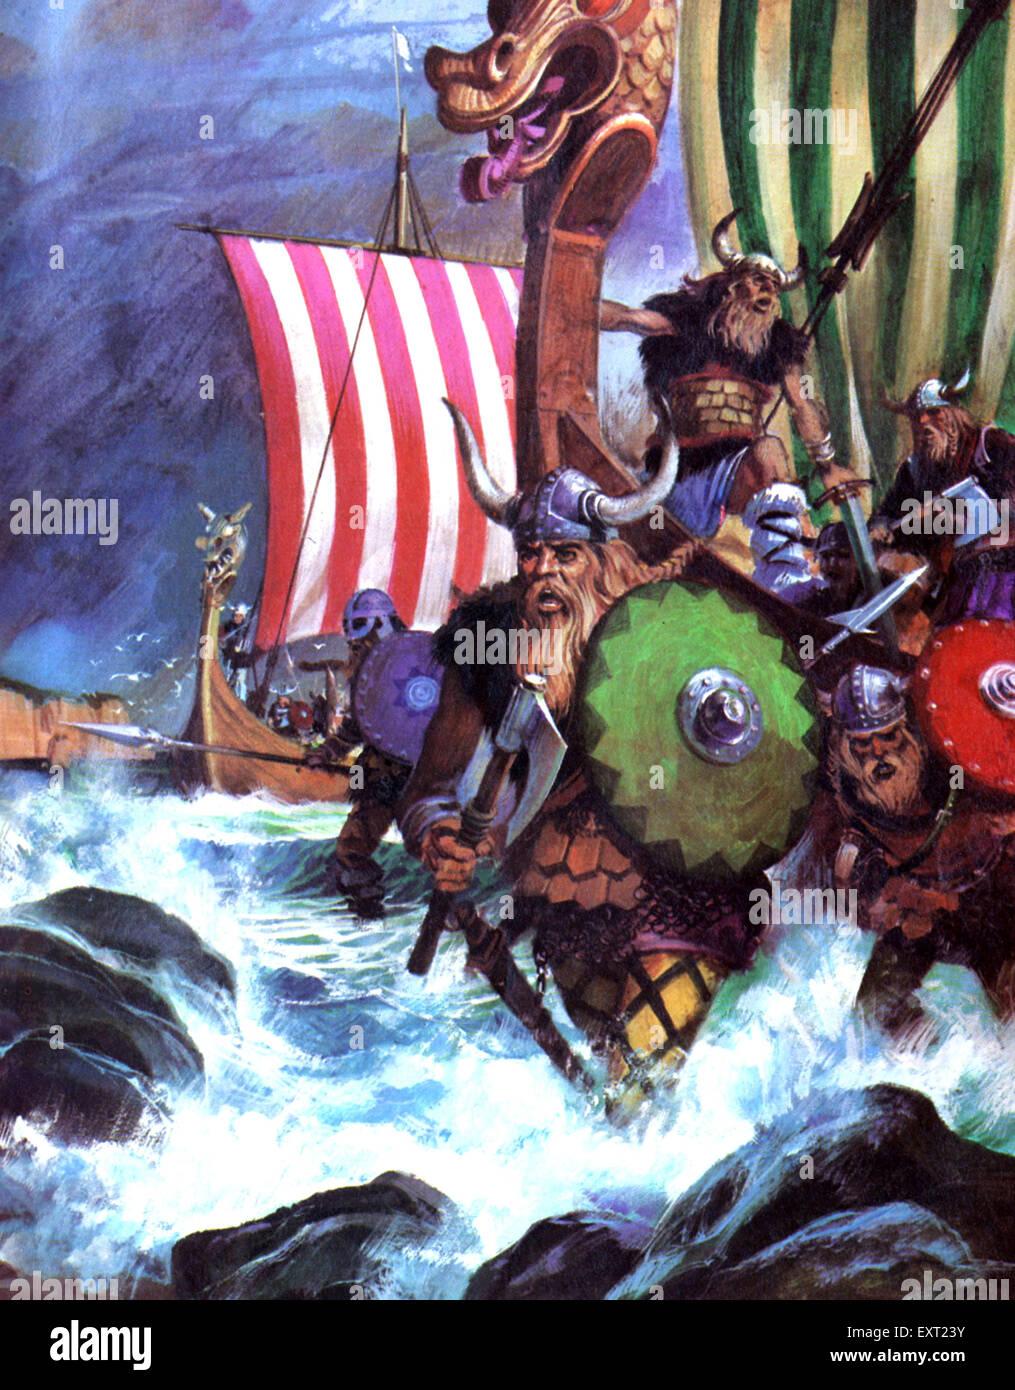 UK Vikings Book Plate - Stock Image